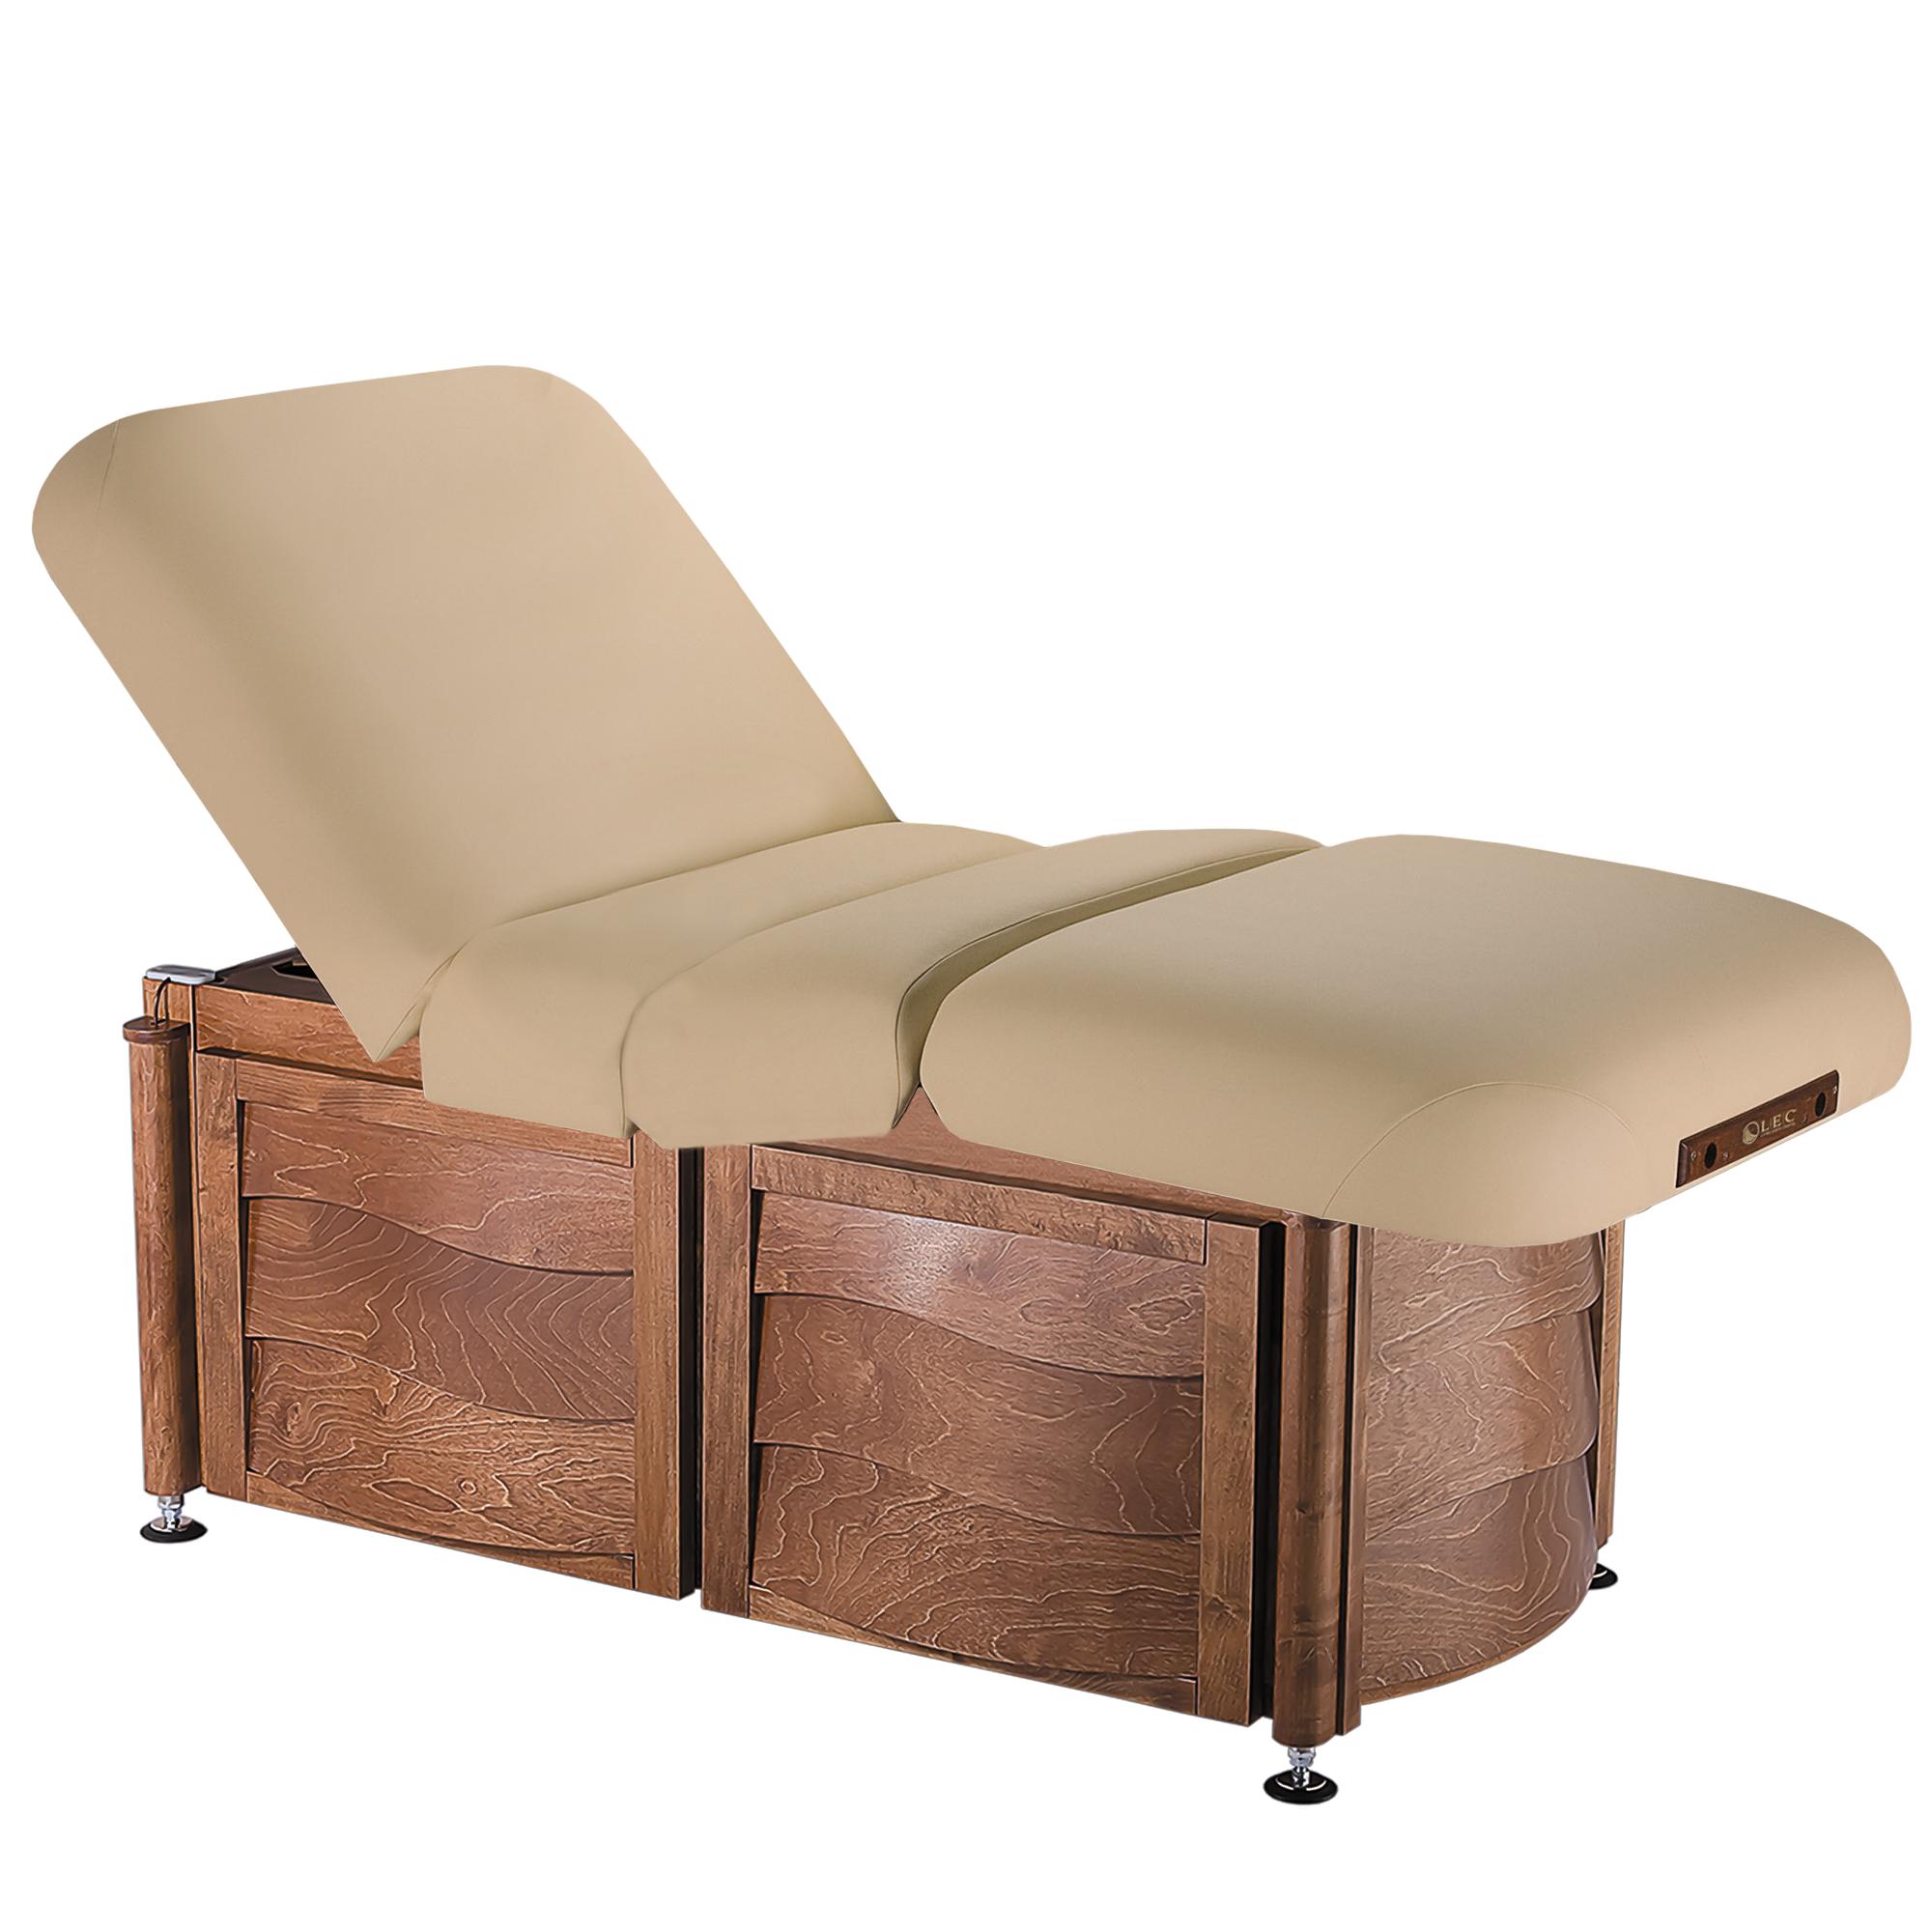 treatment-table_multipurpose_pro-salon-cuvee_salon_01_vlkq1d7lgaalrwoa